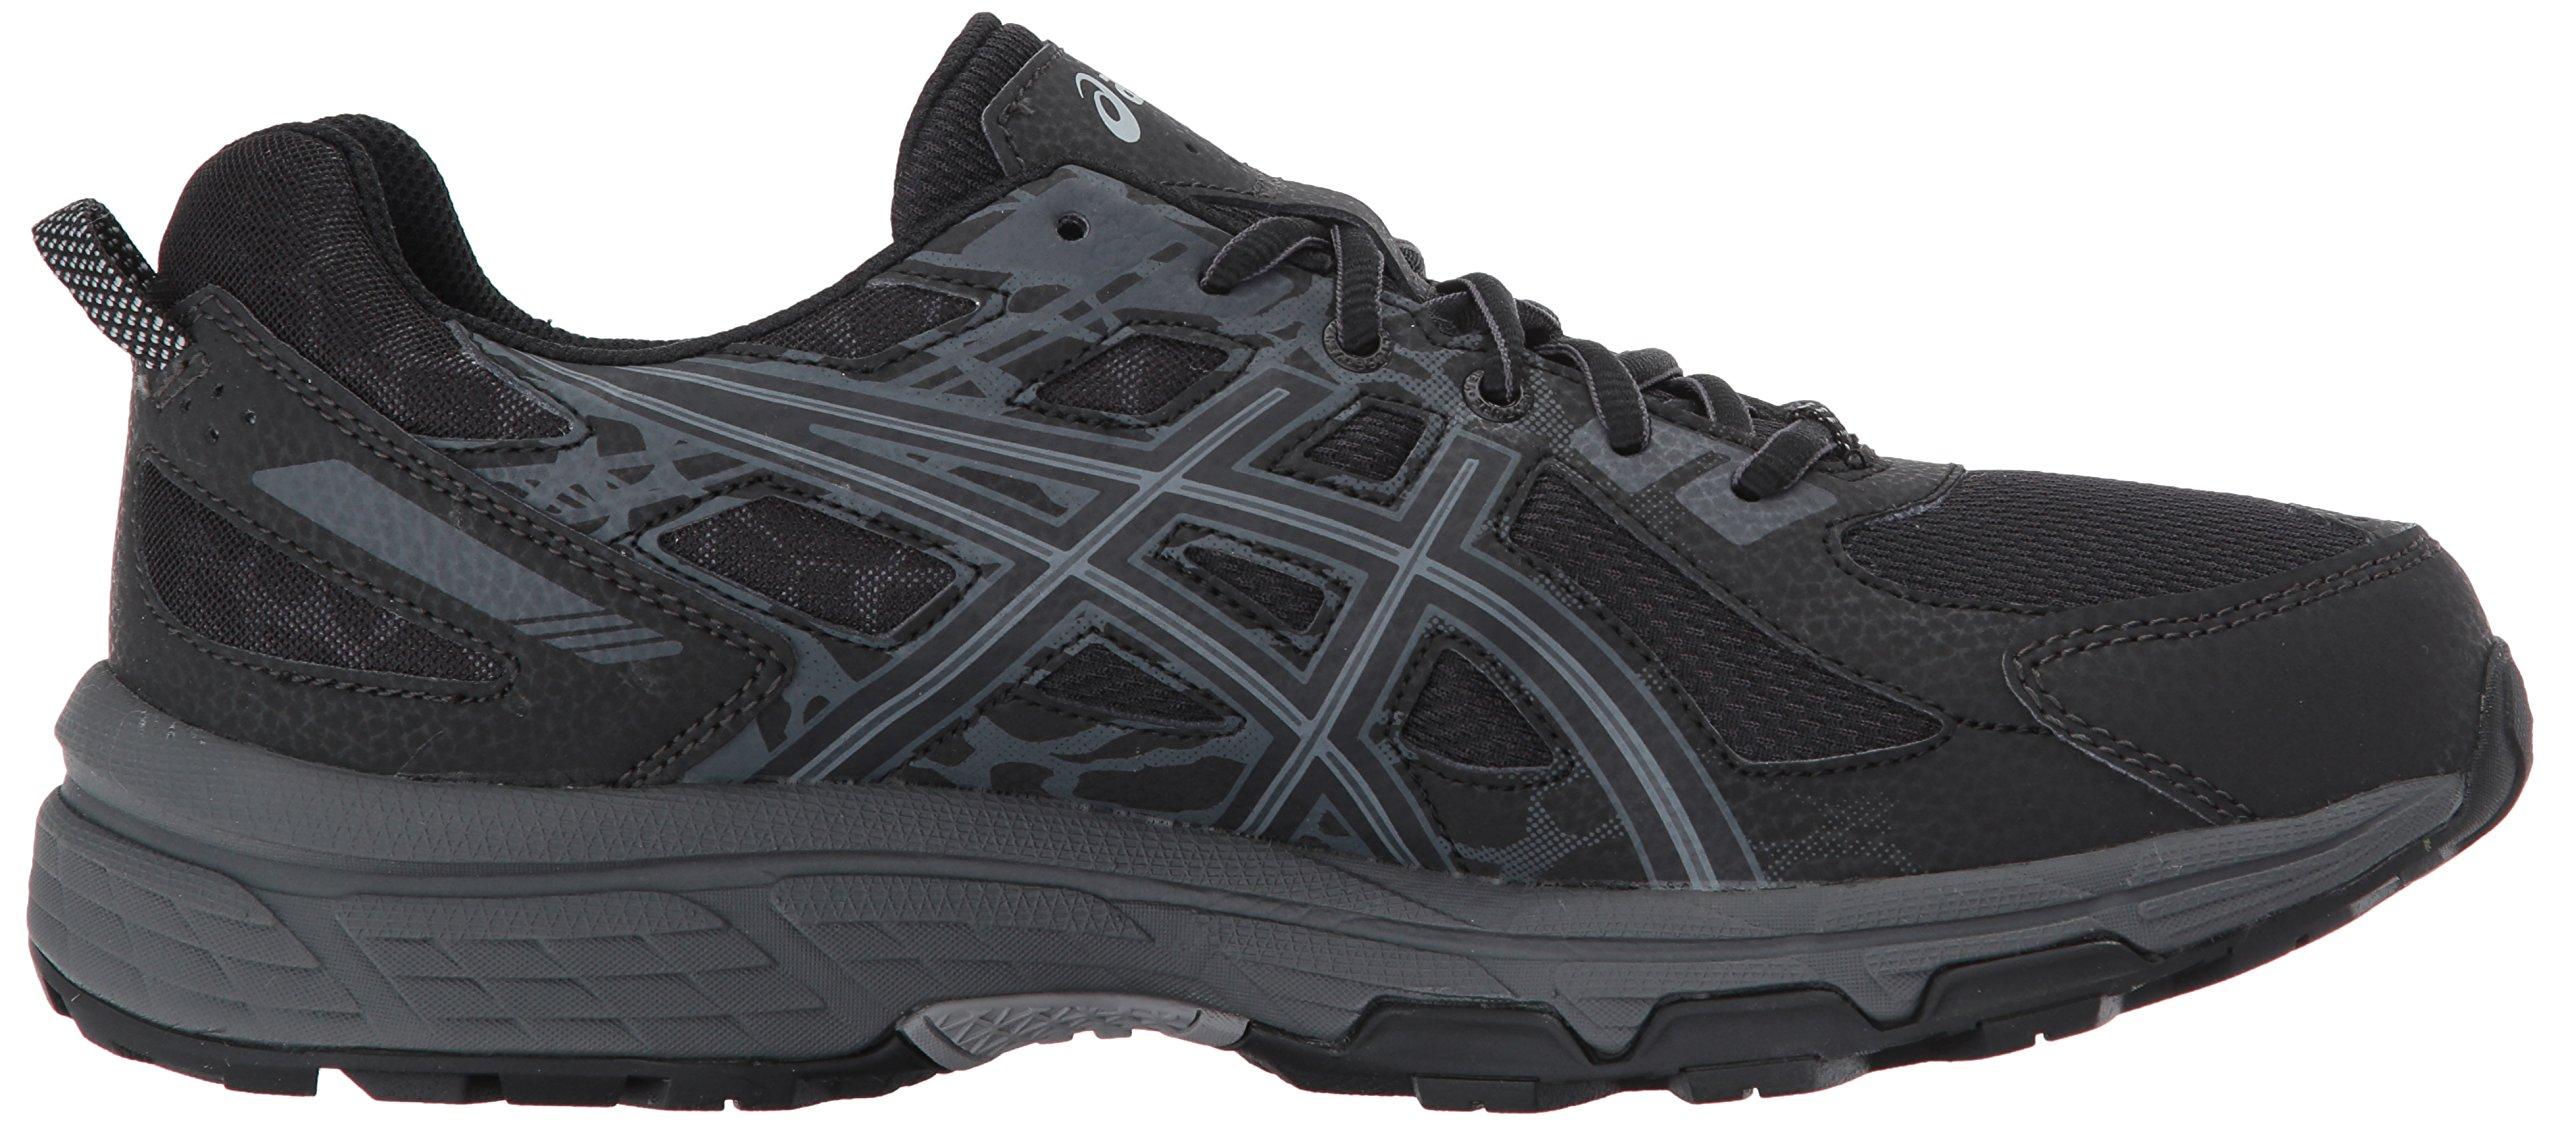 ASICS Mens Gel-Venture 6 Running Shoe, Black/Phantom/Mid Grey, 7 Medium US by ASICS (Image #7)